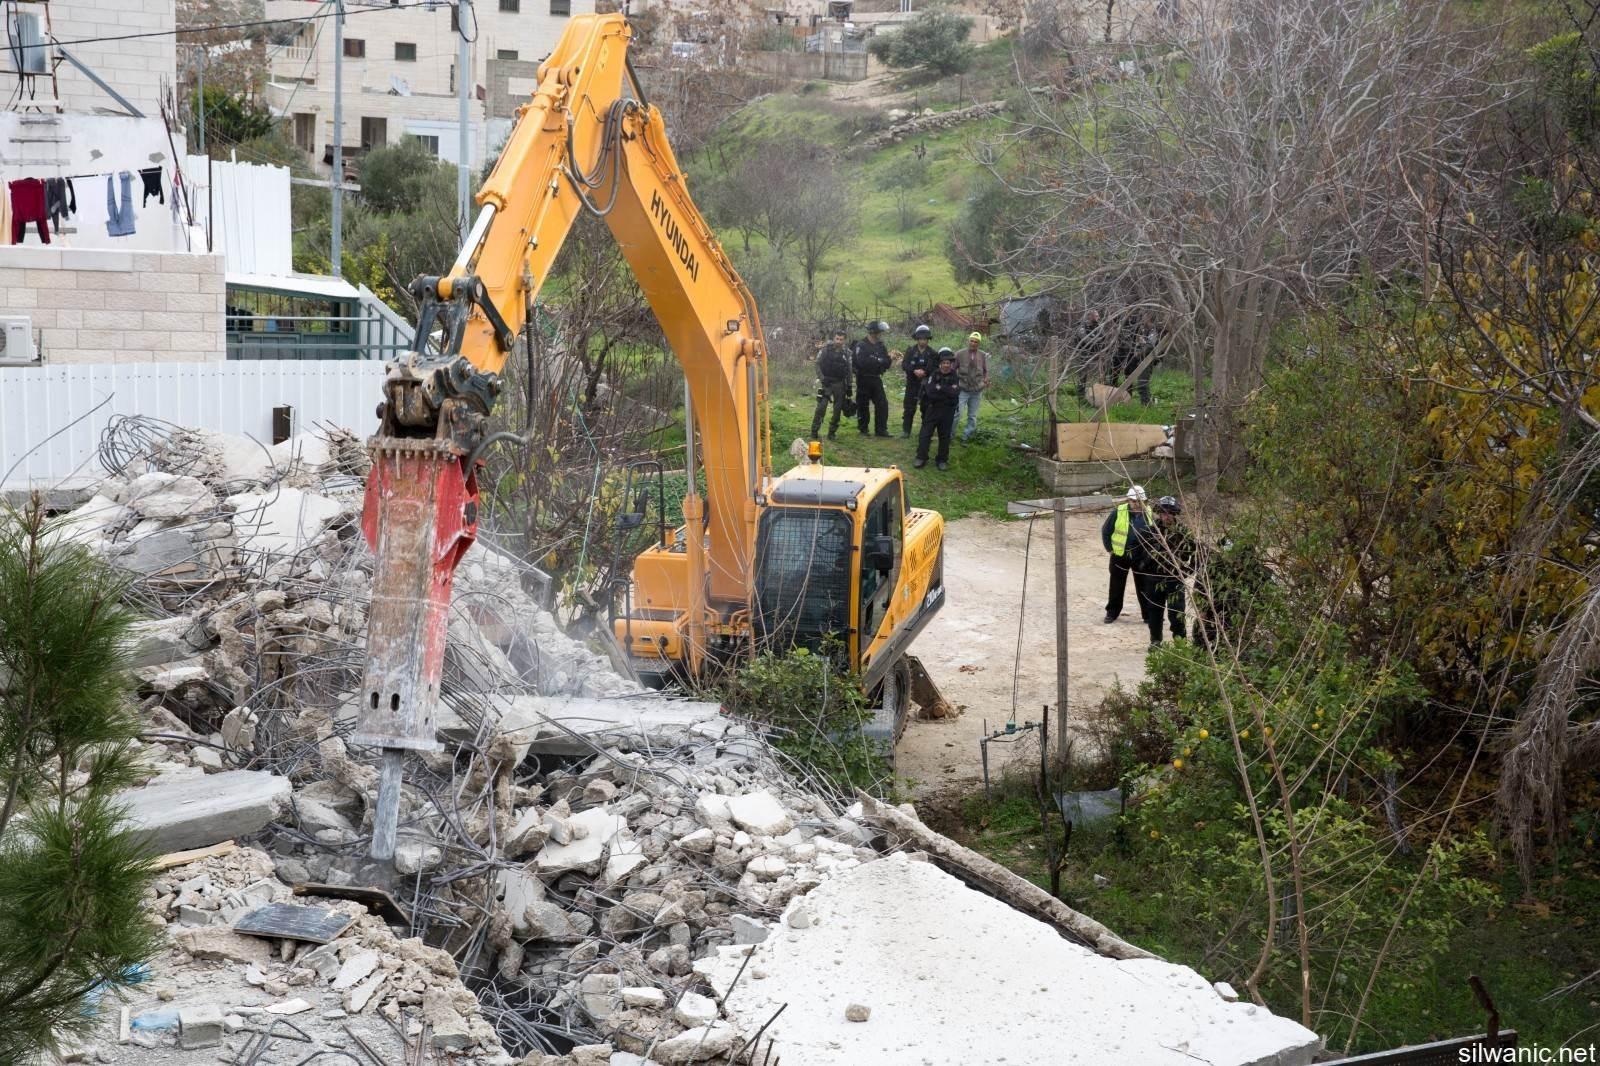 هل ندع الفلسطينيين يهدمون منازلهم بأيديهم ويتم تهجيرهم عن أرضهم من دون أن نتمكن من قرع جرس إنذار إنساني للبشرية برمتها؟